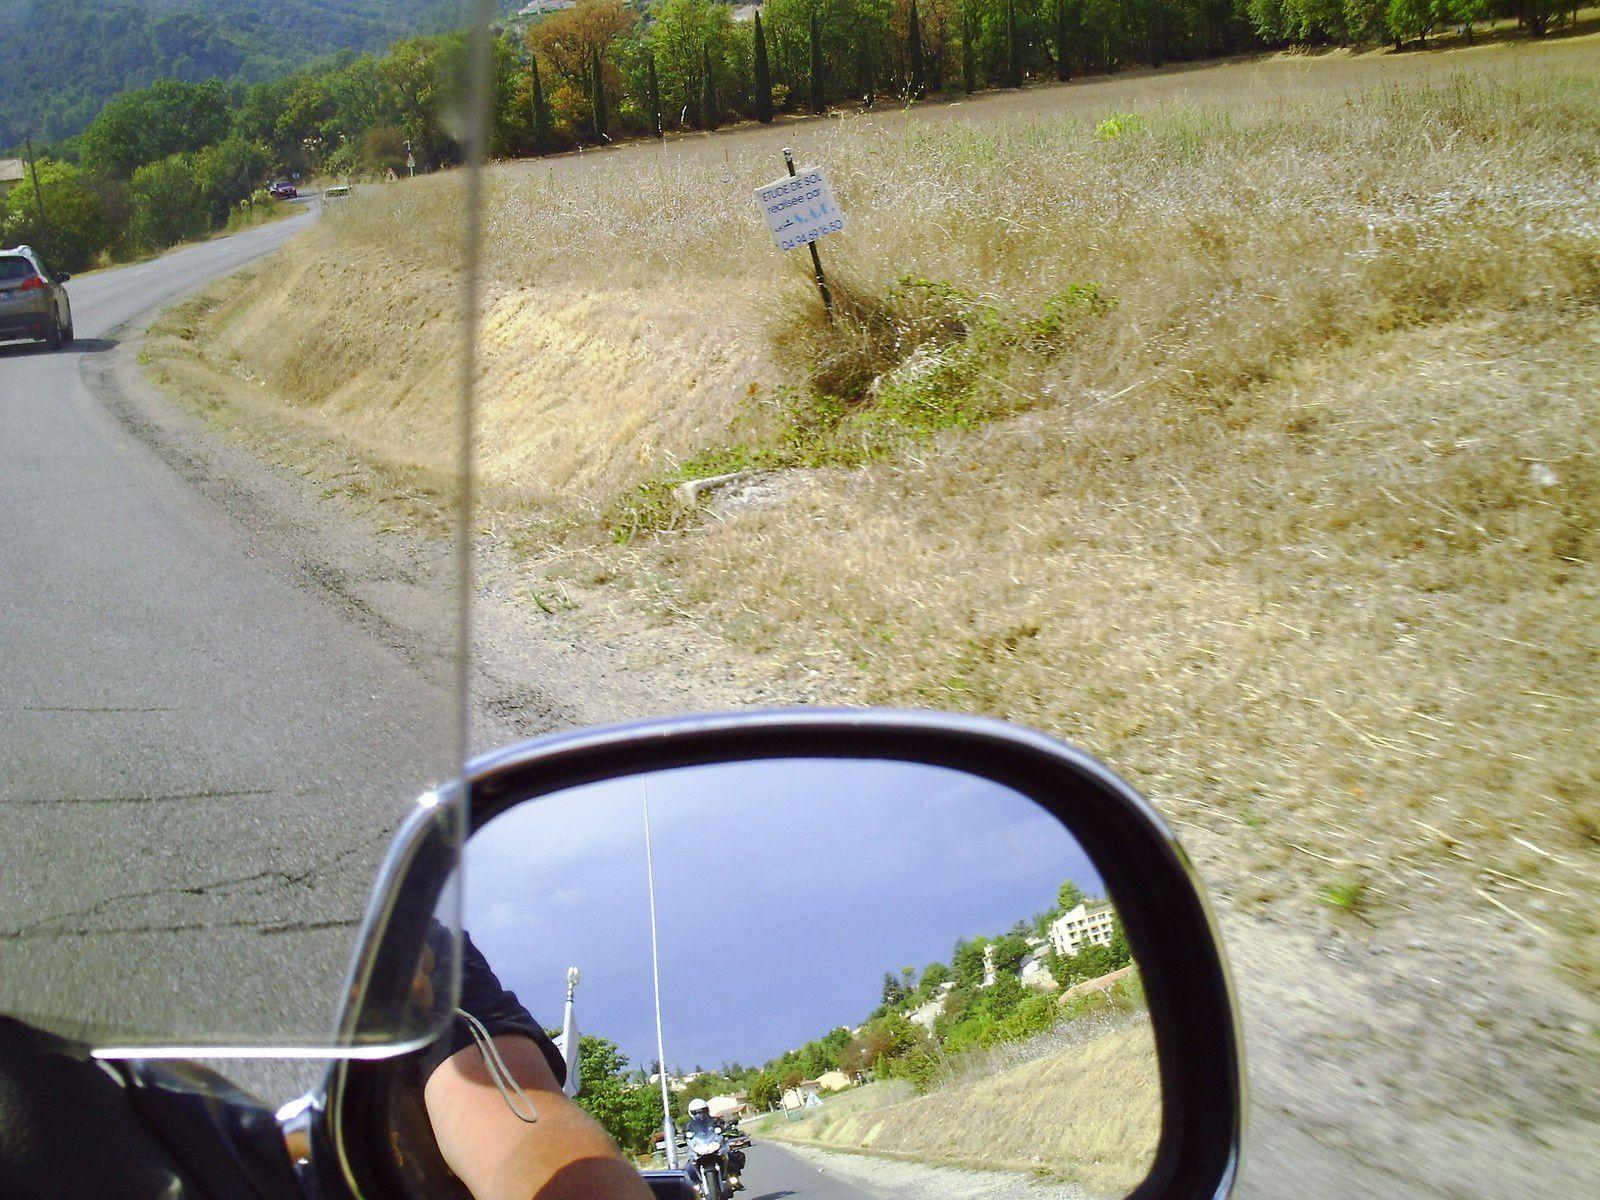 Goldwing - Notre voyage dans les Hautes-Alpes en Goldwing 1800 et Varadero 125 - 8ème jour